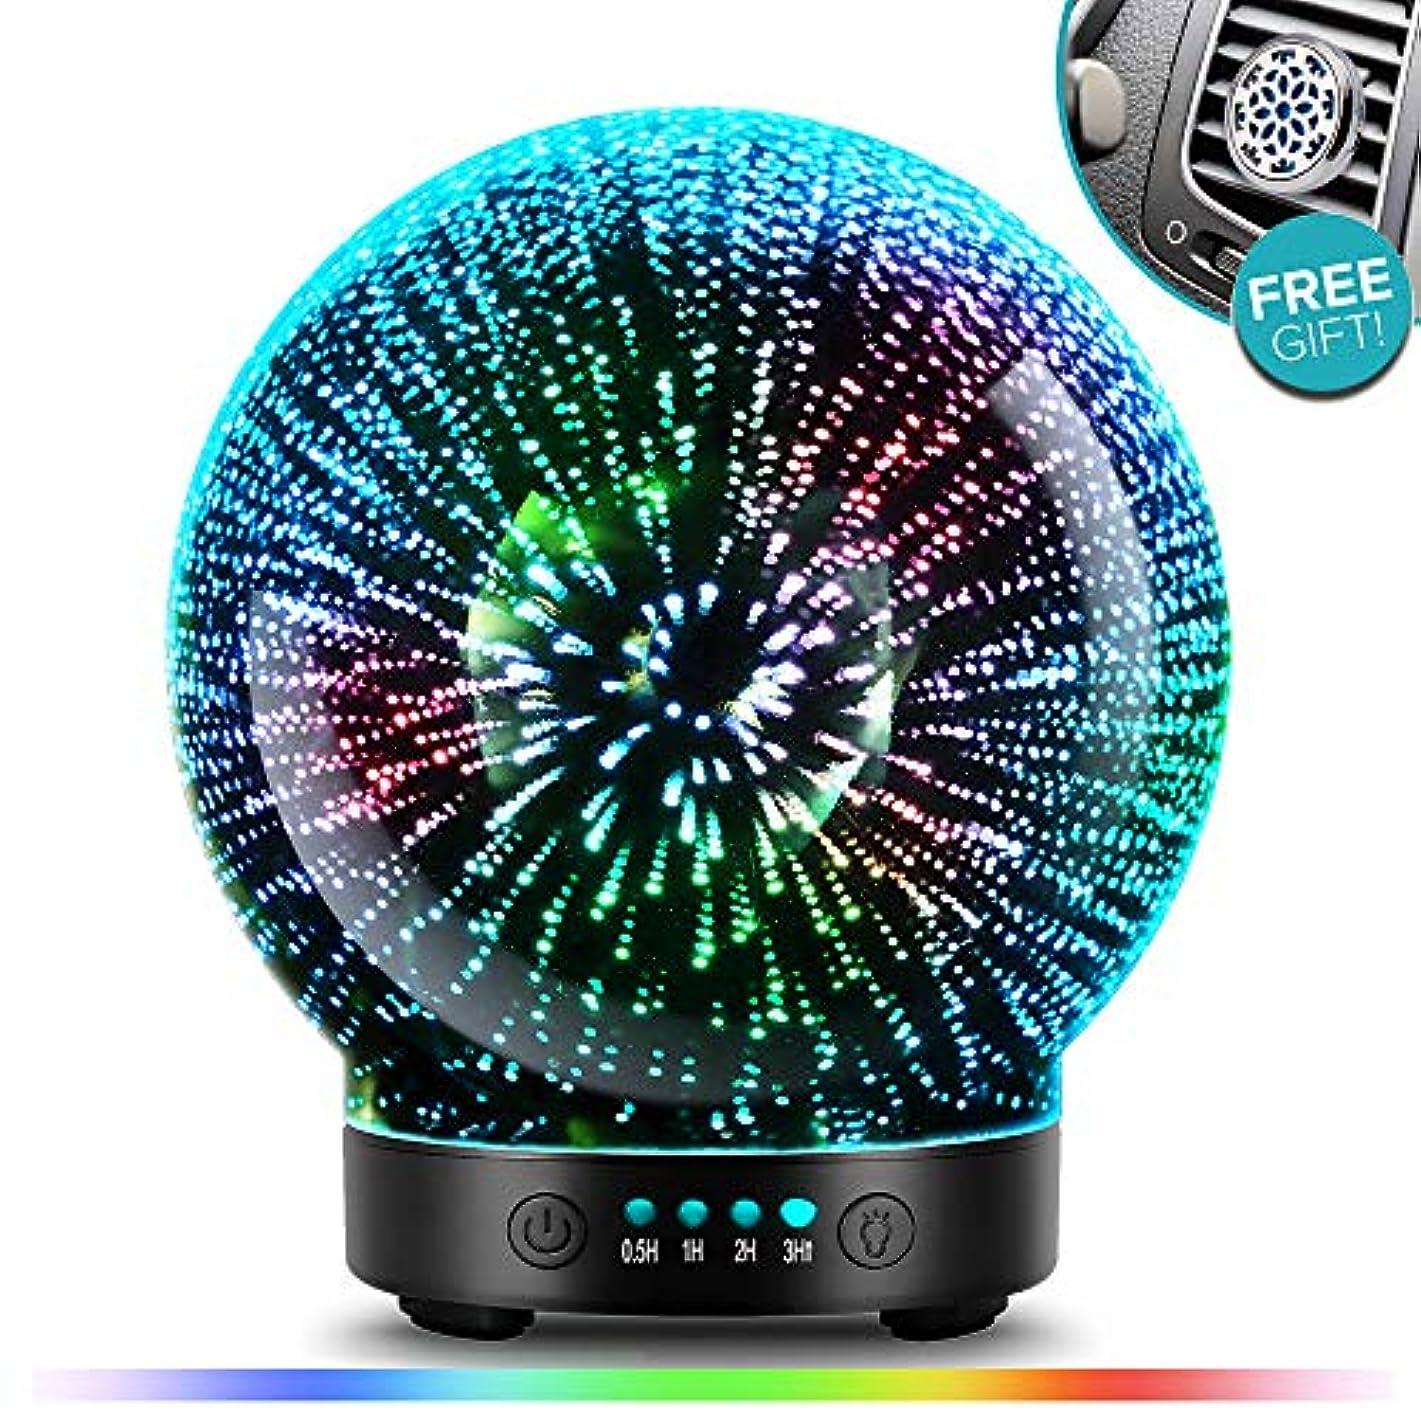 究極の鎮痛剤流体POBEES 3グラスアロマエッセンシャルオイルディフューザー - 最新バージョン 香り オイル加湿器7 花火 テーマプレミアム超音波ミスト自動オフ安全スイッチカーベントクリップカラー照明モードを主導